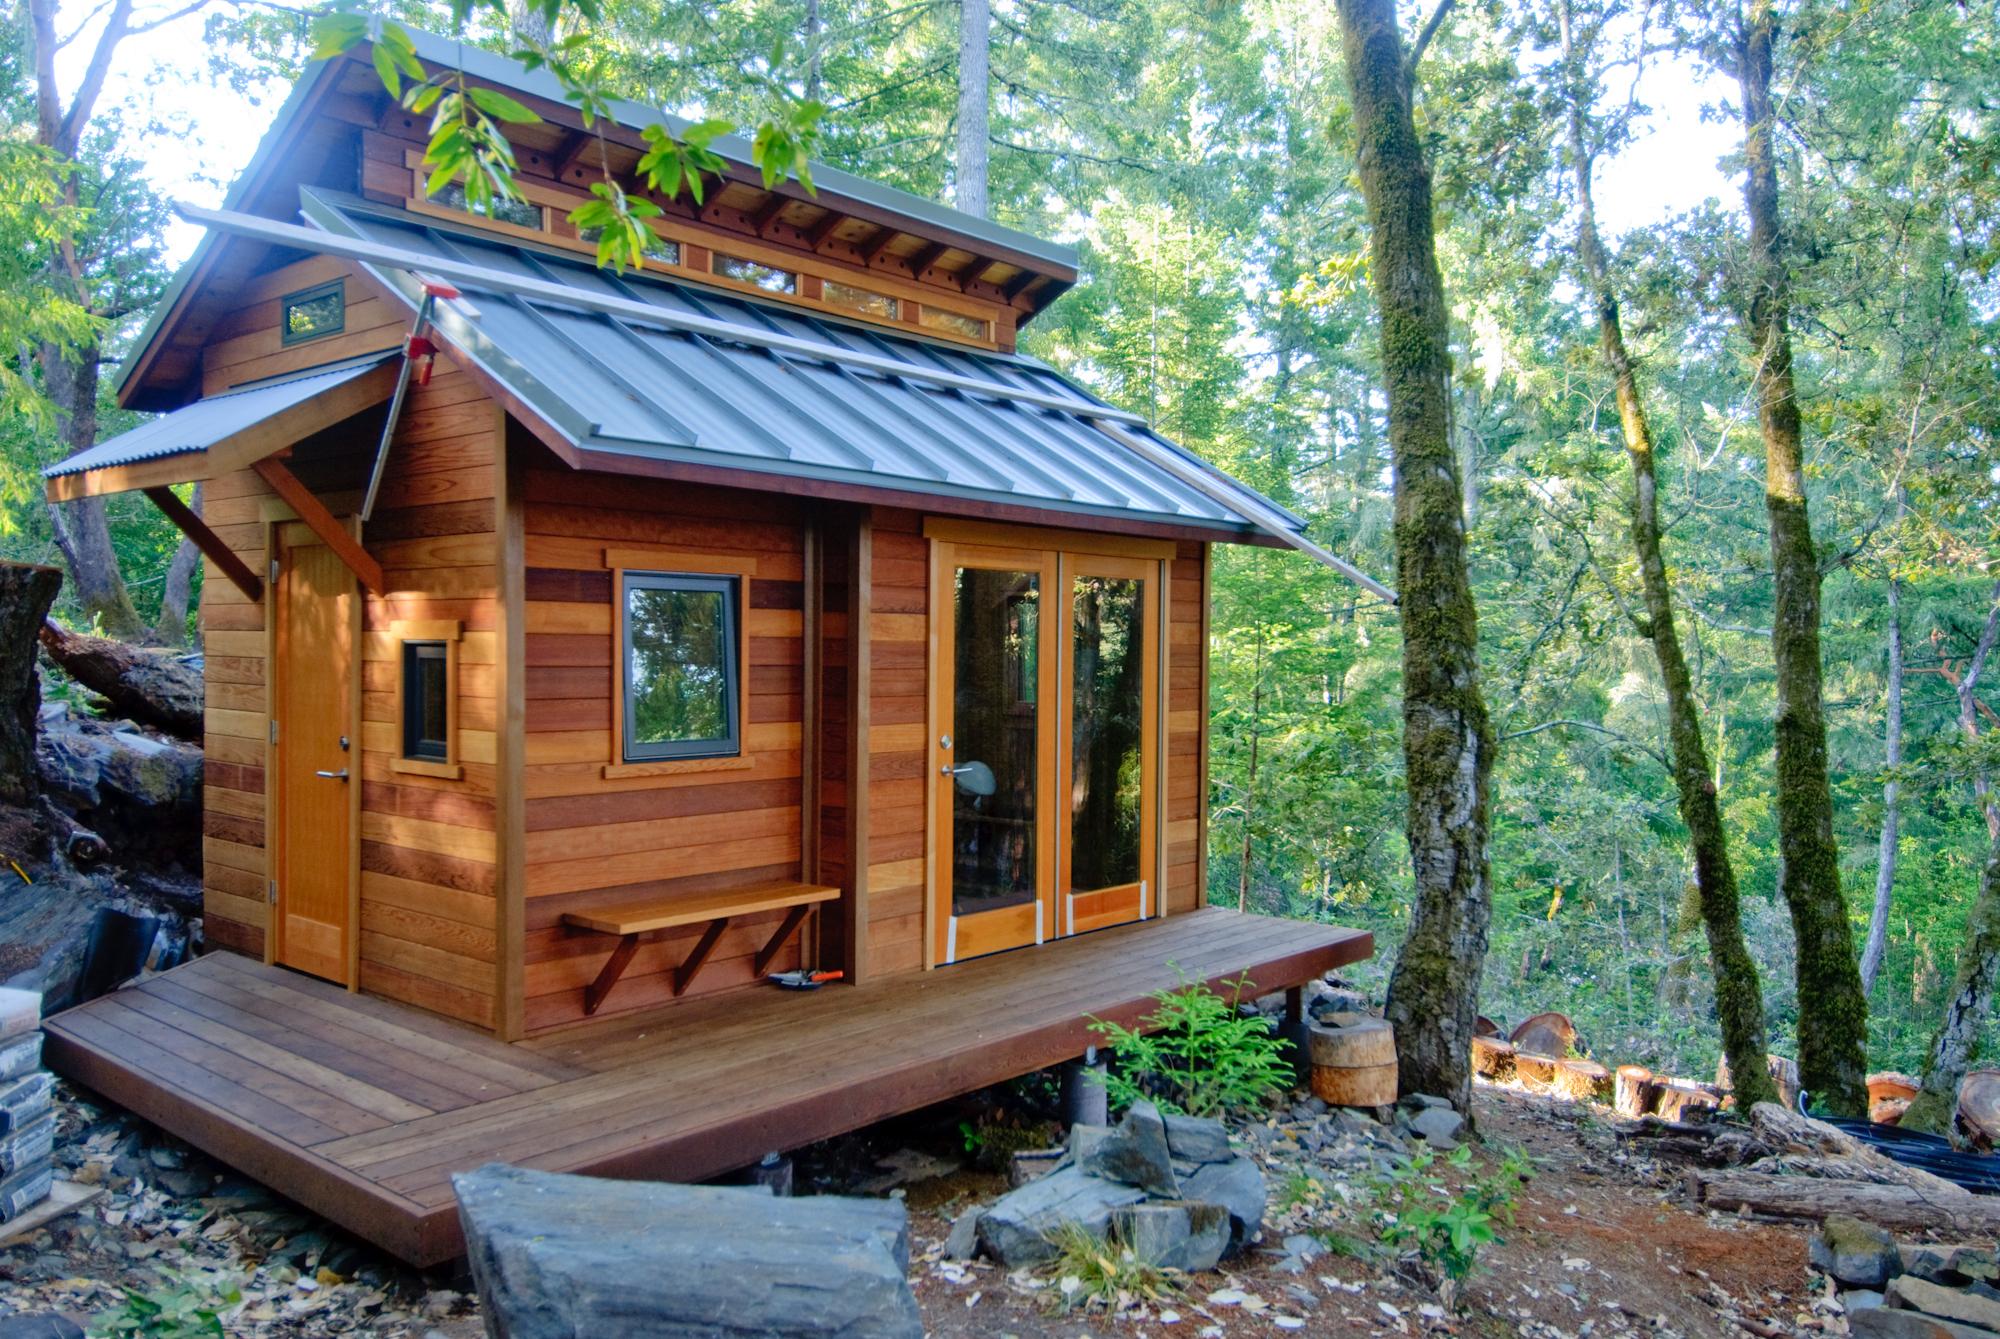 Achat Remorque Tiny House connaissez-vous les tiny houses ? - consofutur